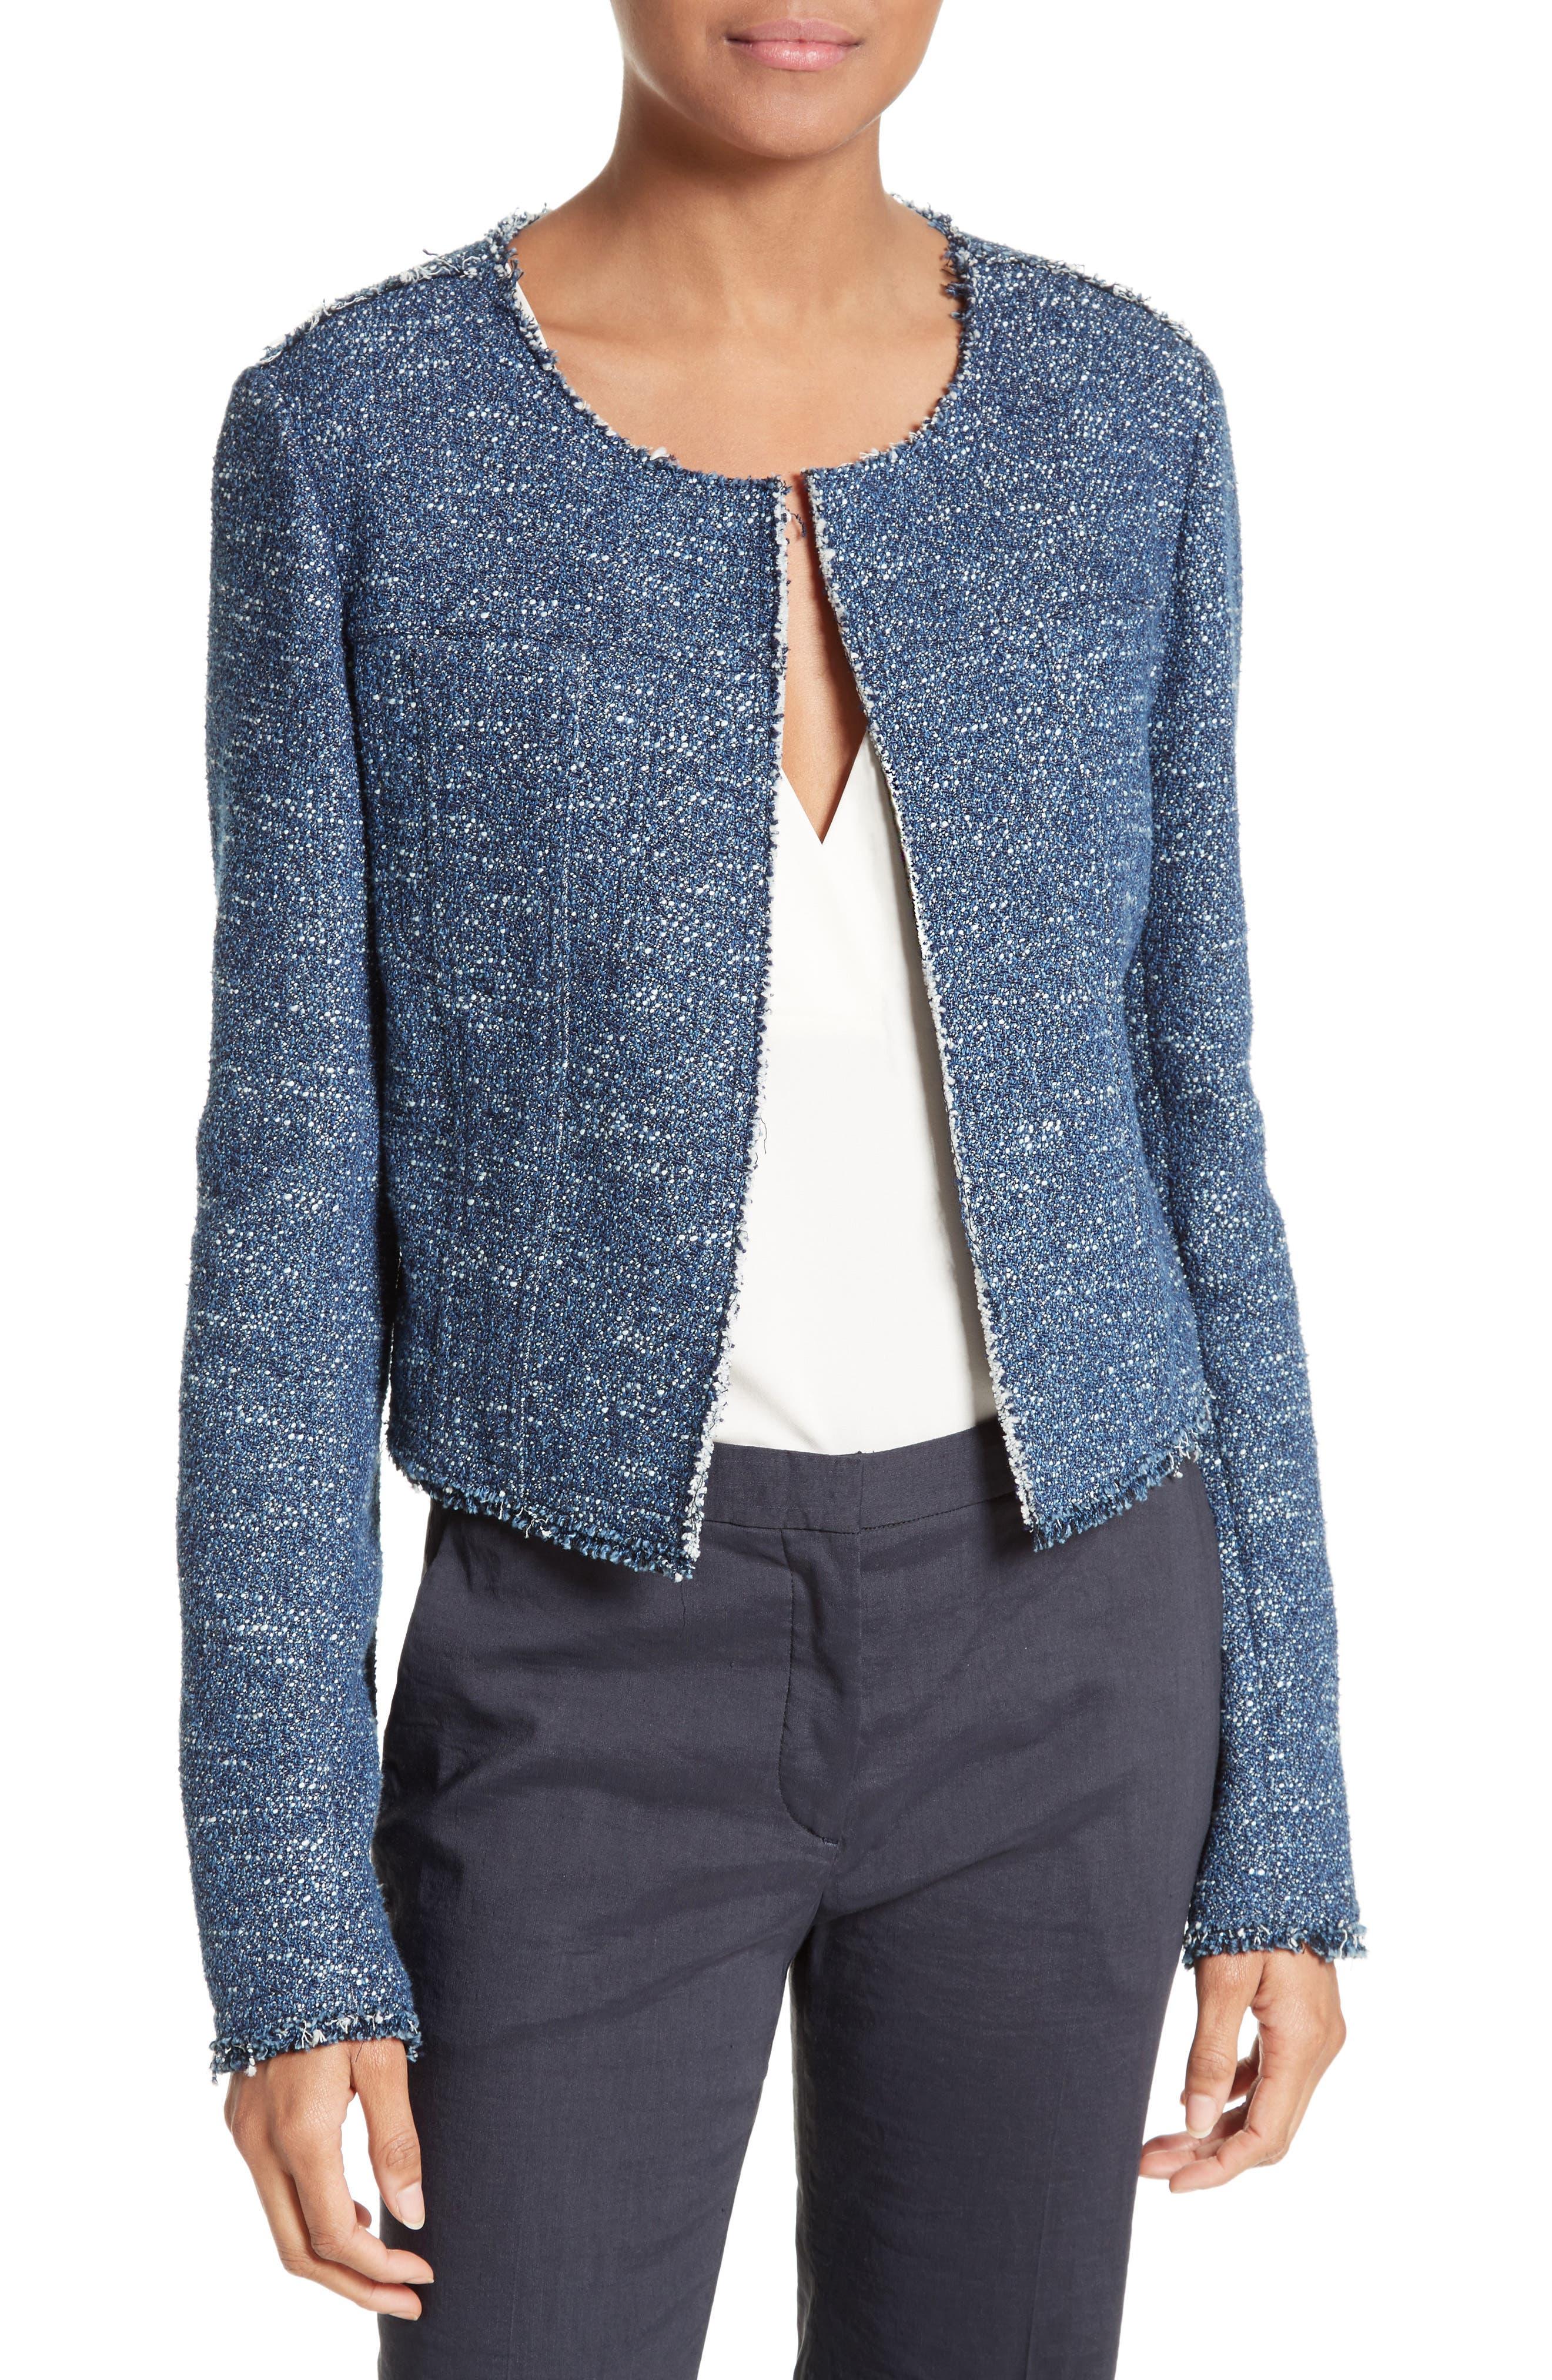 Ualana Indigo Tweed Jacket,                         Main,                         color, 498